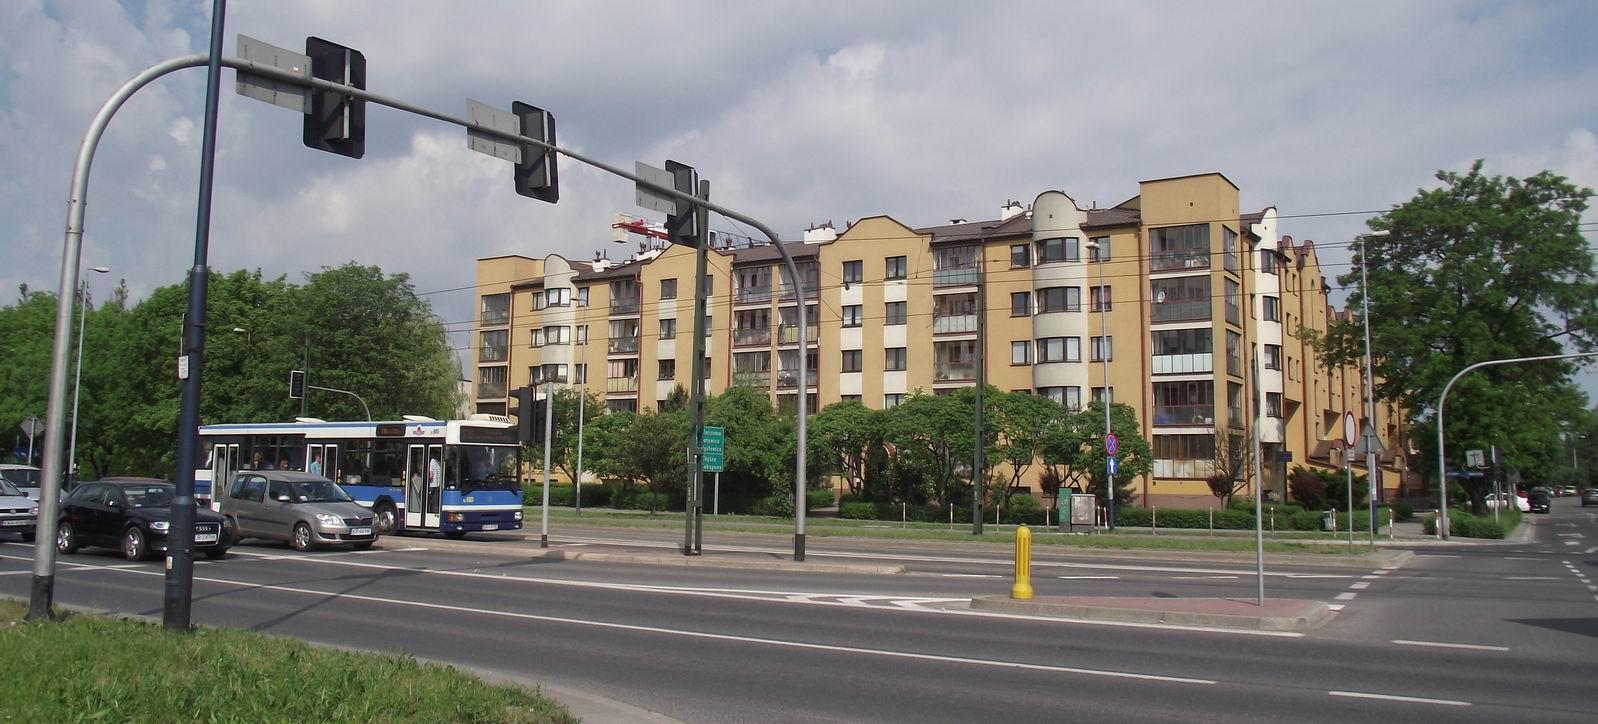 Краков - улица Монте-Кассино